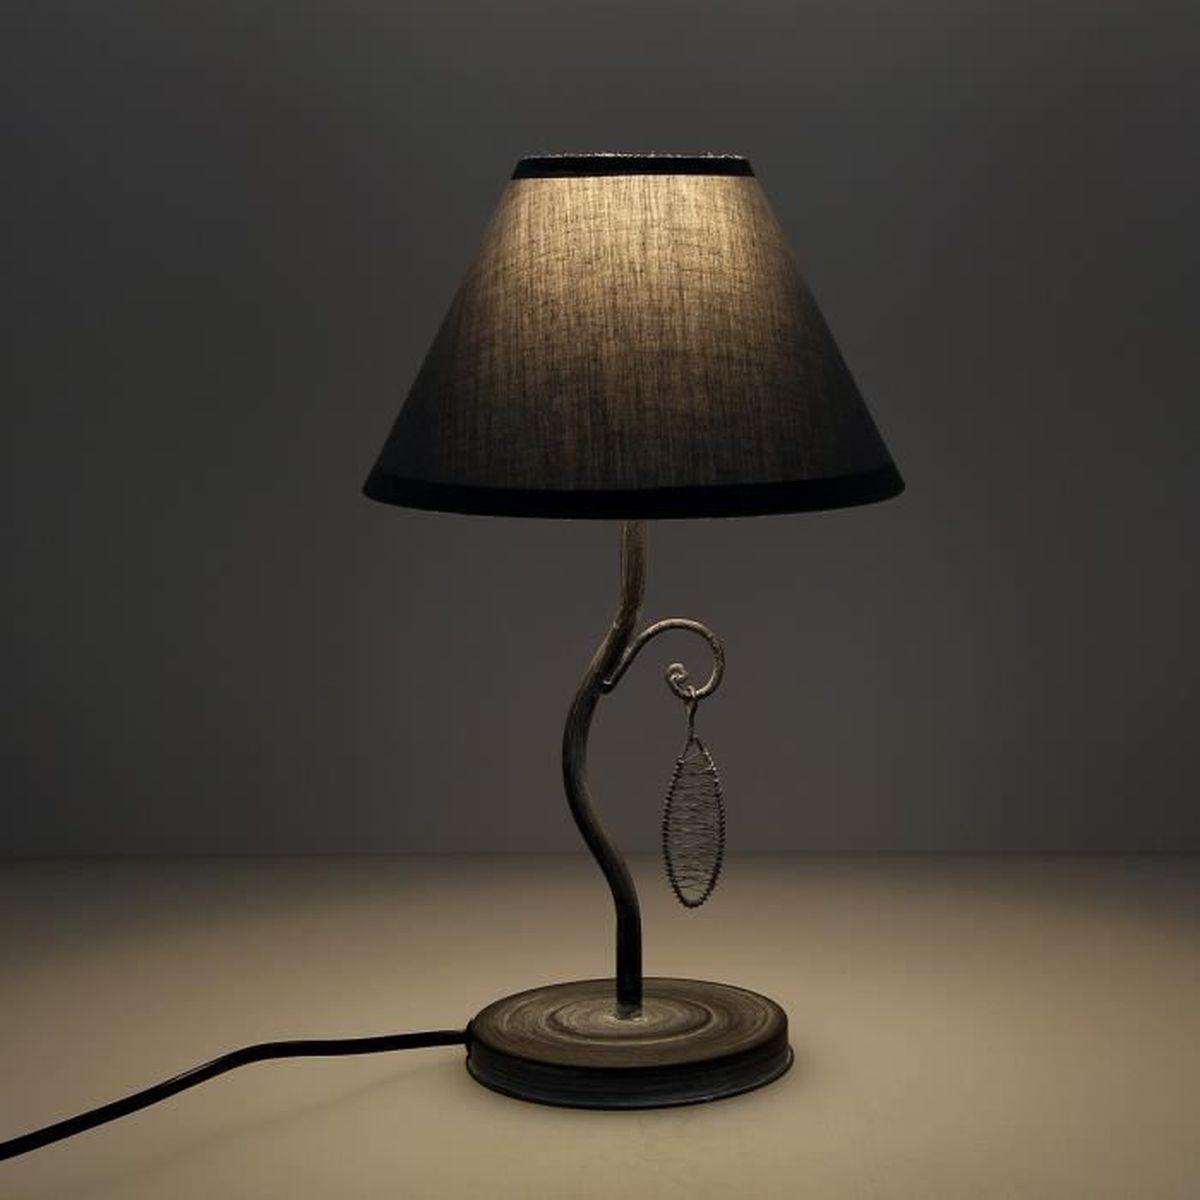 Möbel & Wohnen ® Große Tischleuchte Weiß Tischlampe H:8cm Lampe